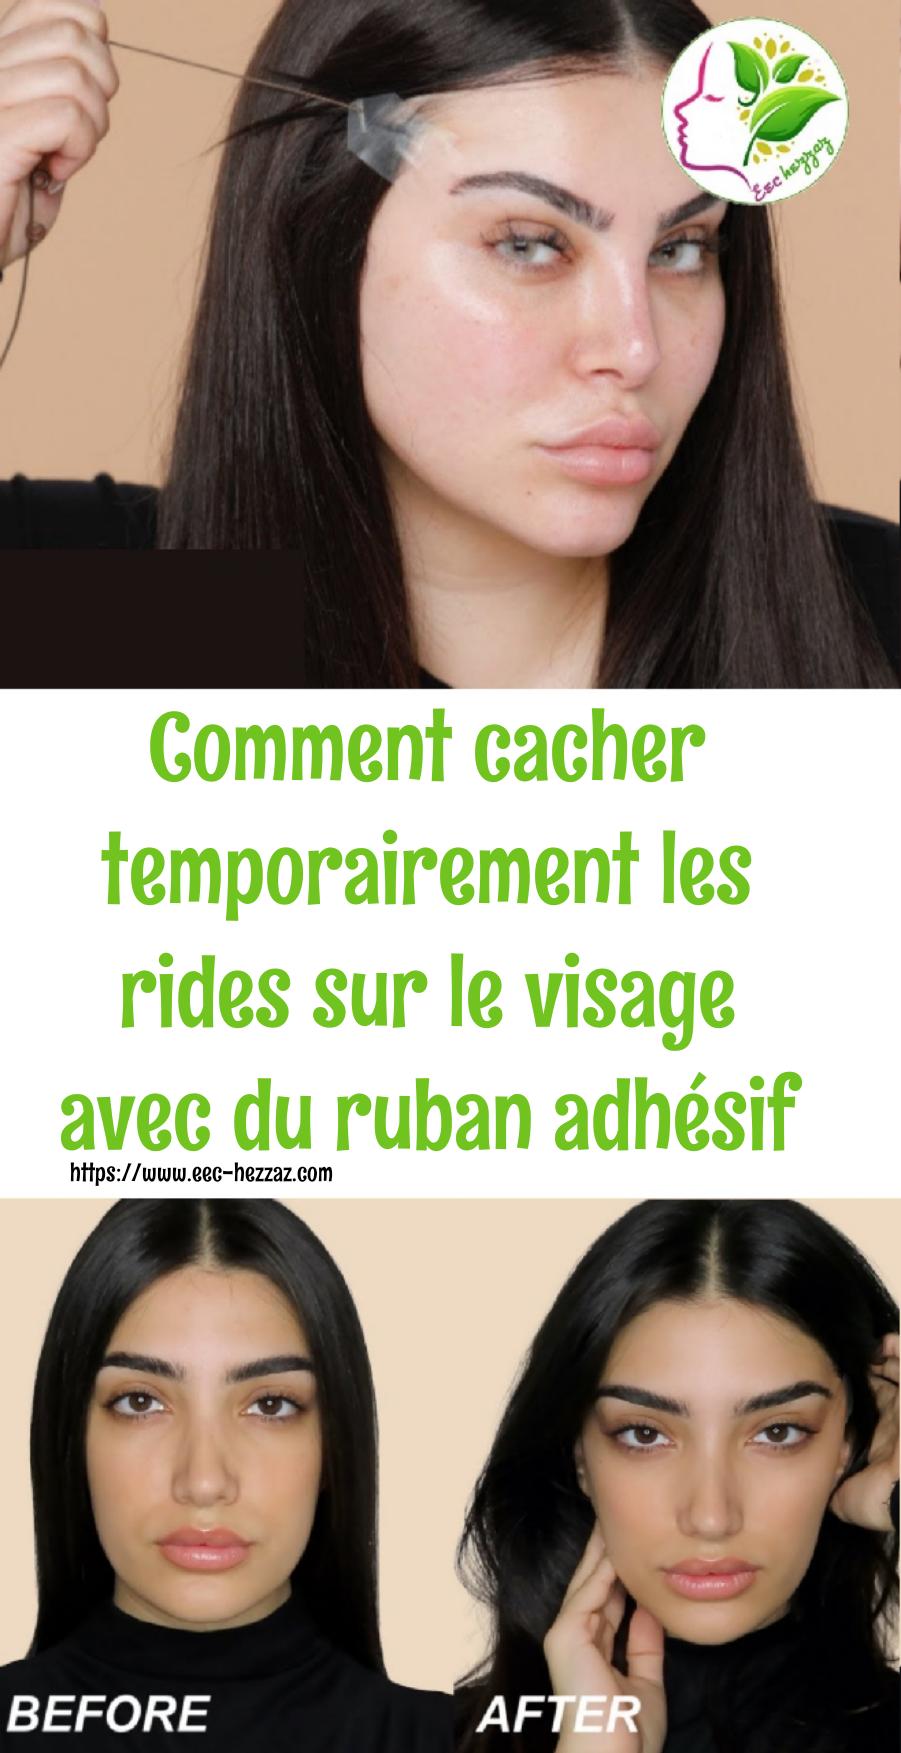 Comment cacher temporairement les rides sur le visage avec du ruban adhésif